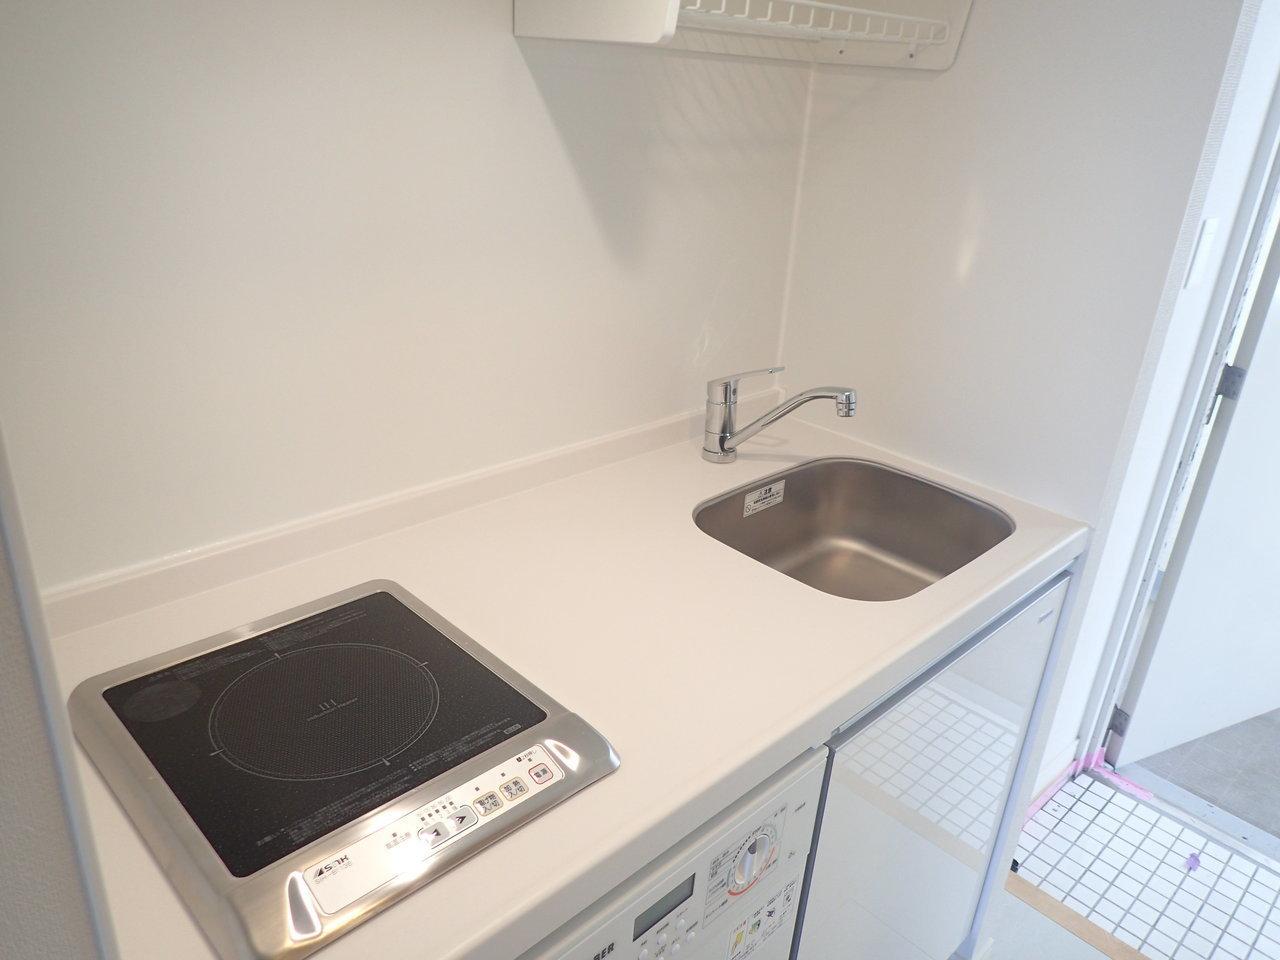 キッチンはシンプル。シンクの上には吊り棚がついているので、洗い物を置いたり、フックをかけて調理器具を収納したりしてもいいですね。